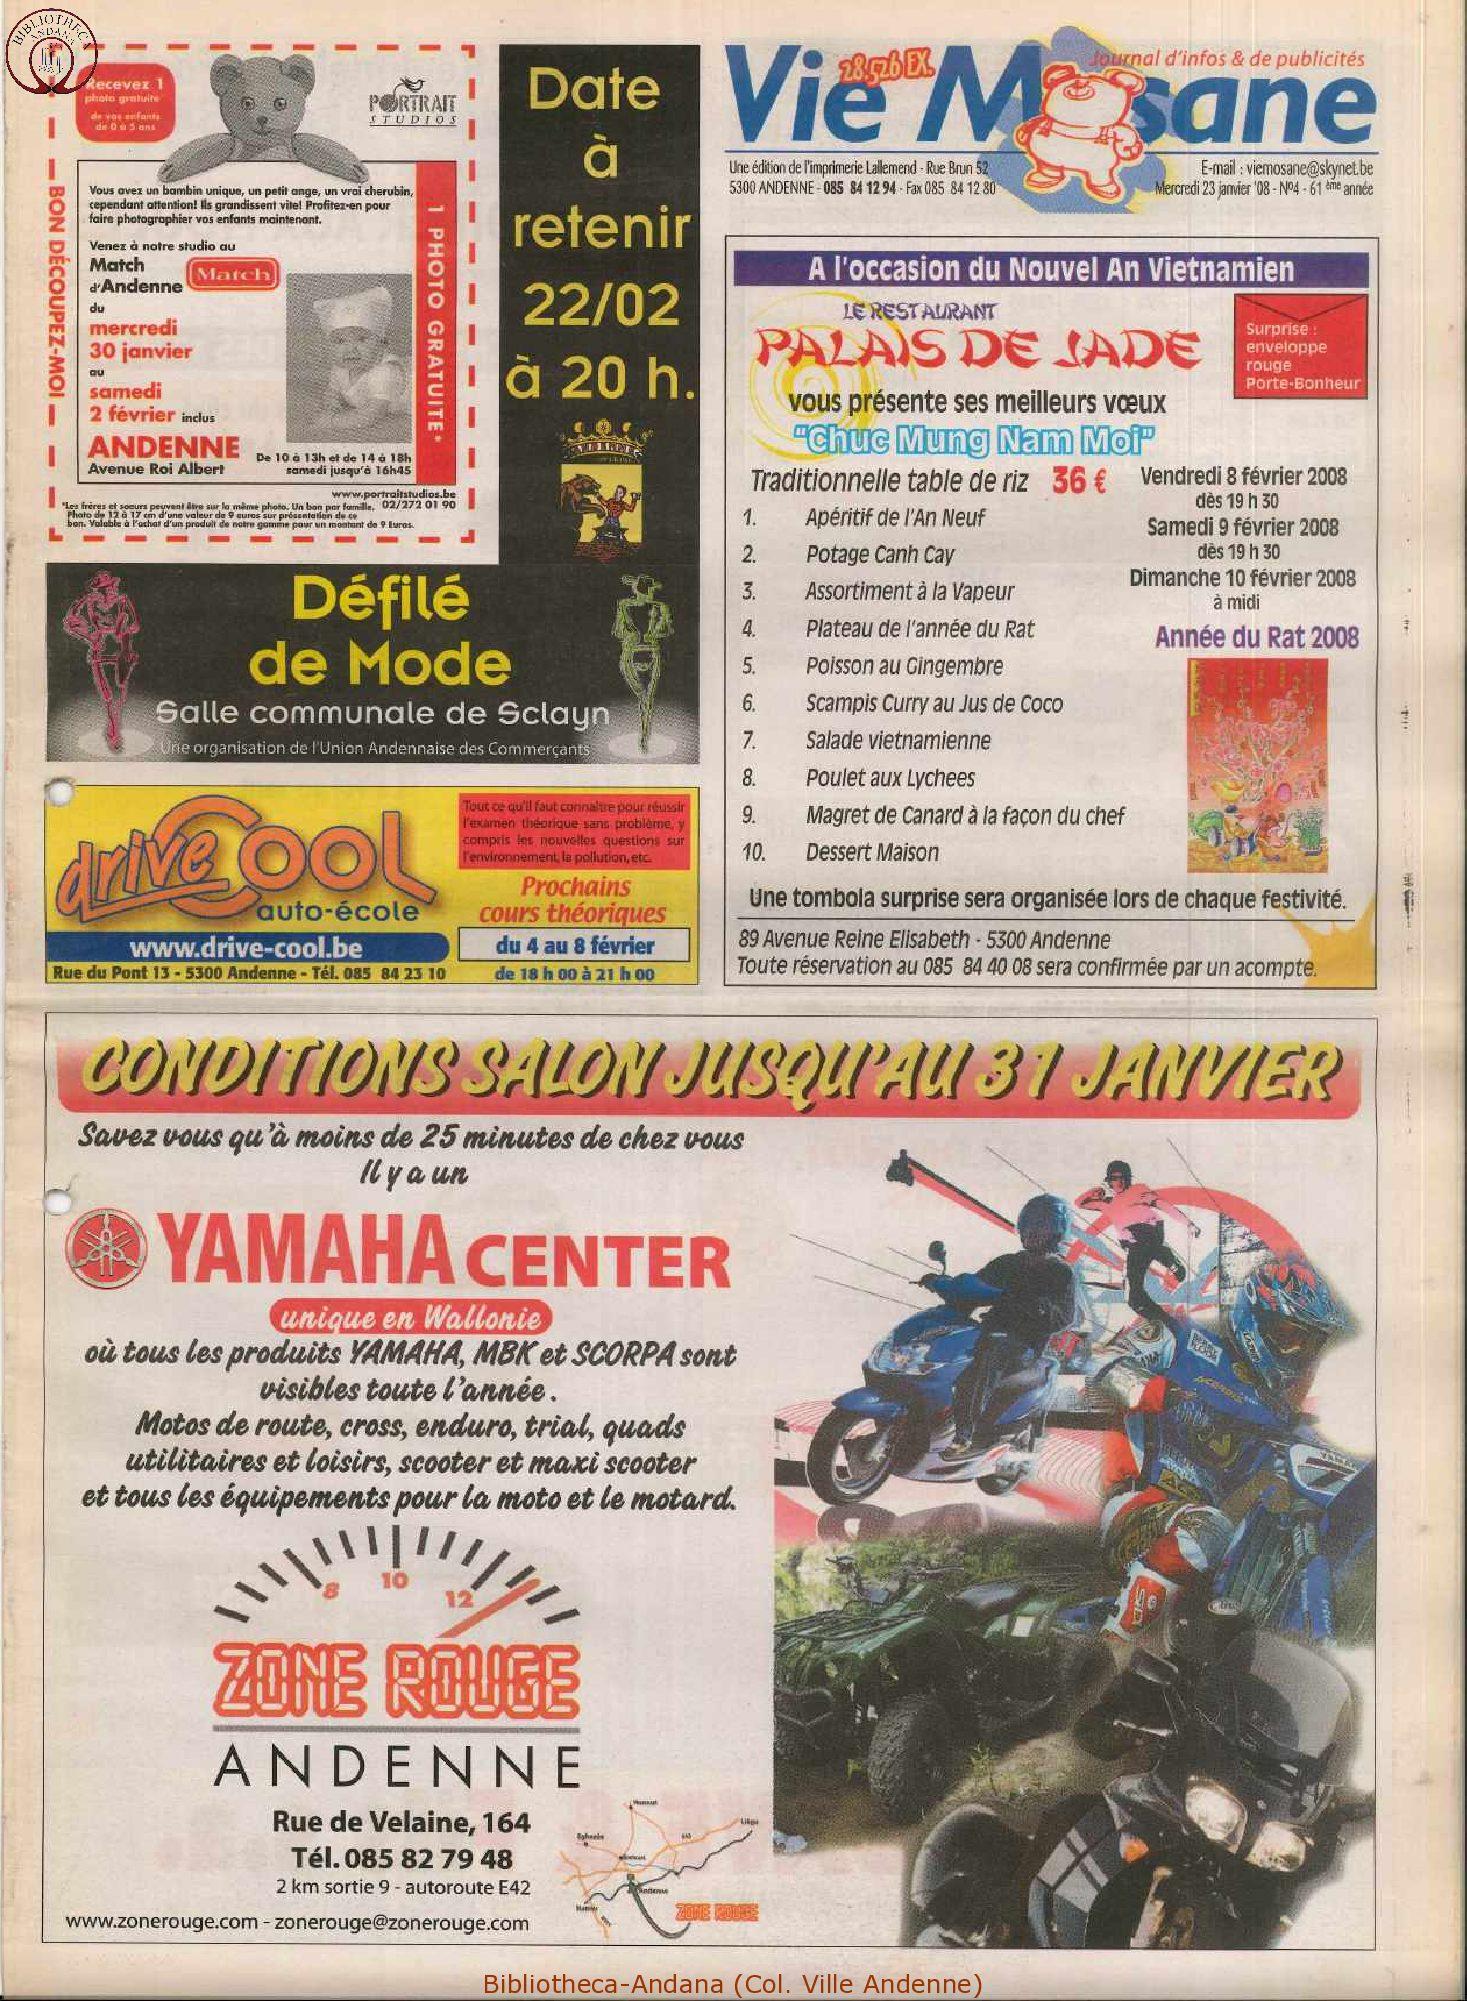 61e année - n°4 - 23 janvier 2008